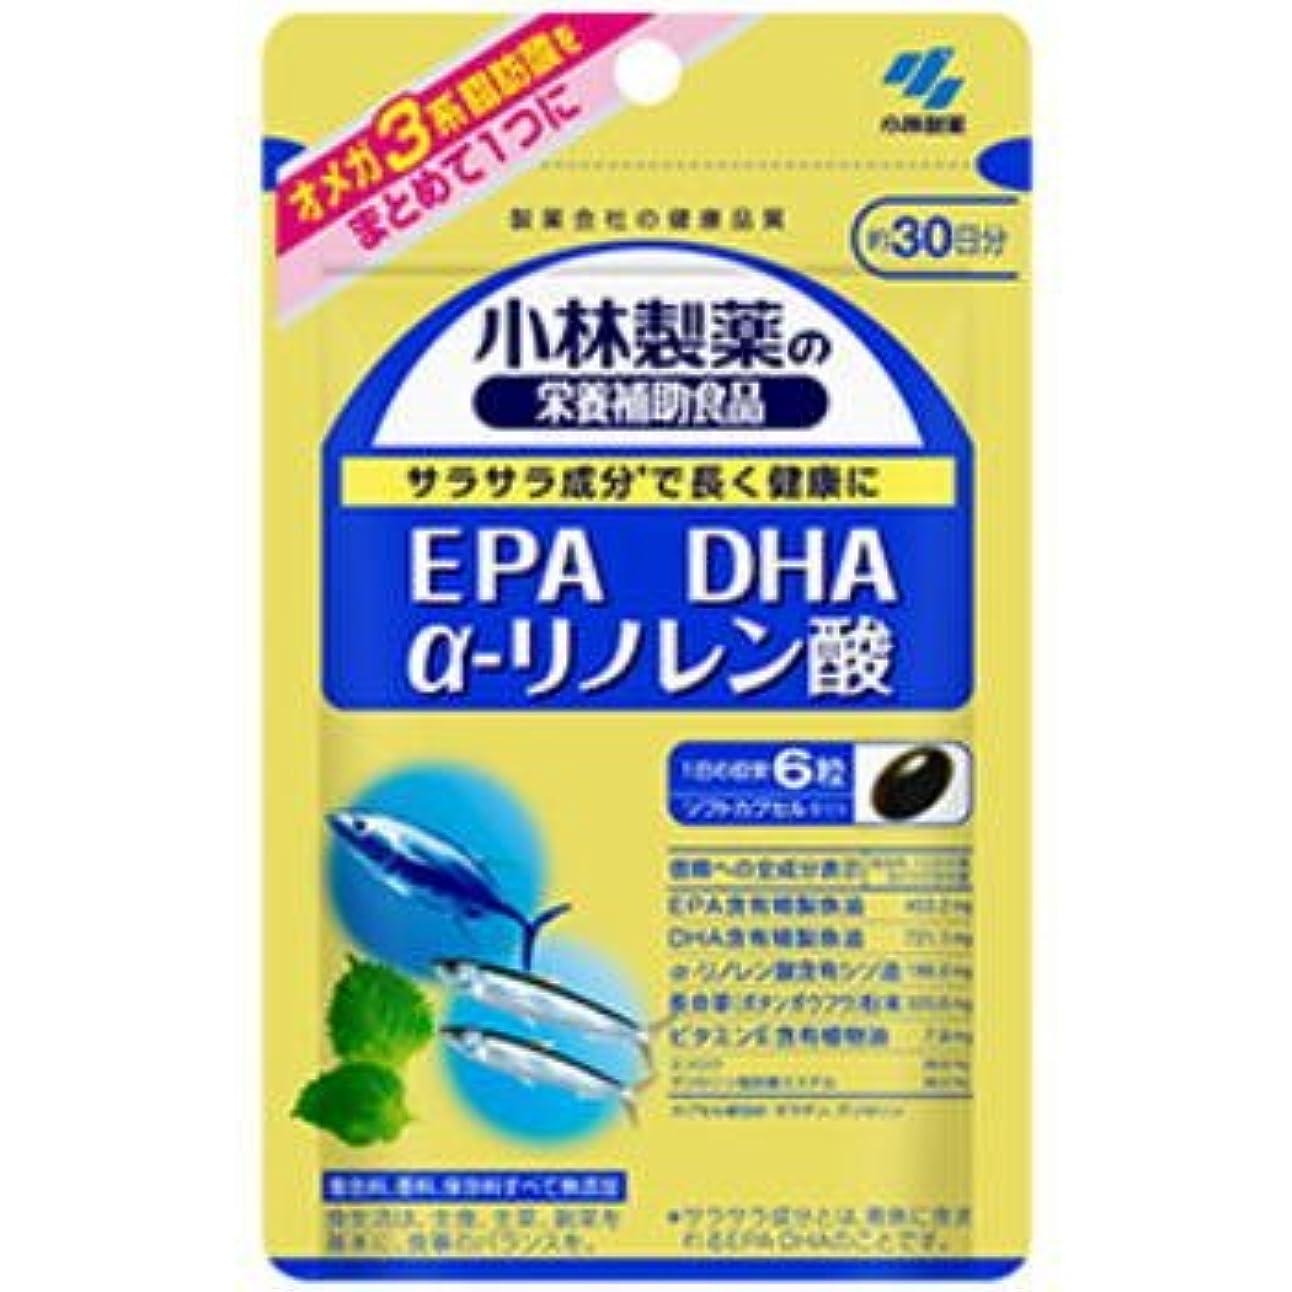 協力する次へオーブン小林製薬 EPA DHA α-リノレン酸 180粒×3個セット【ネコポス発送】